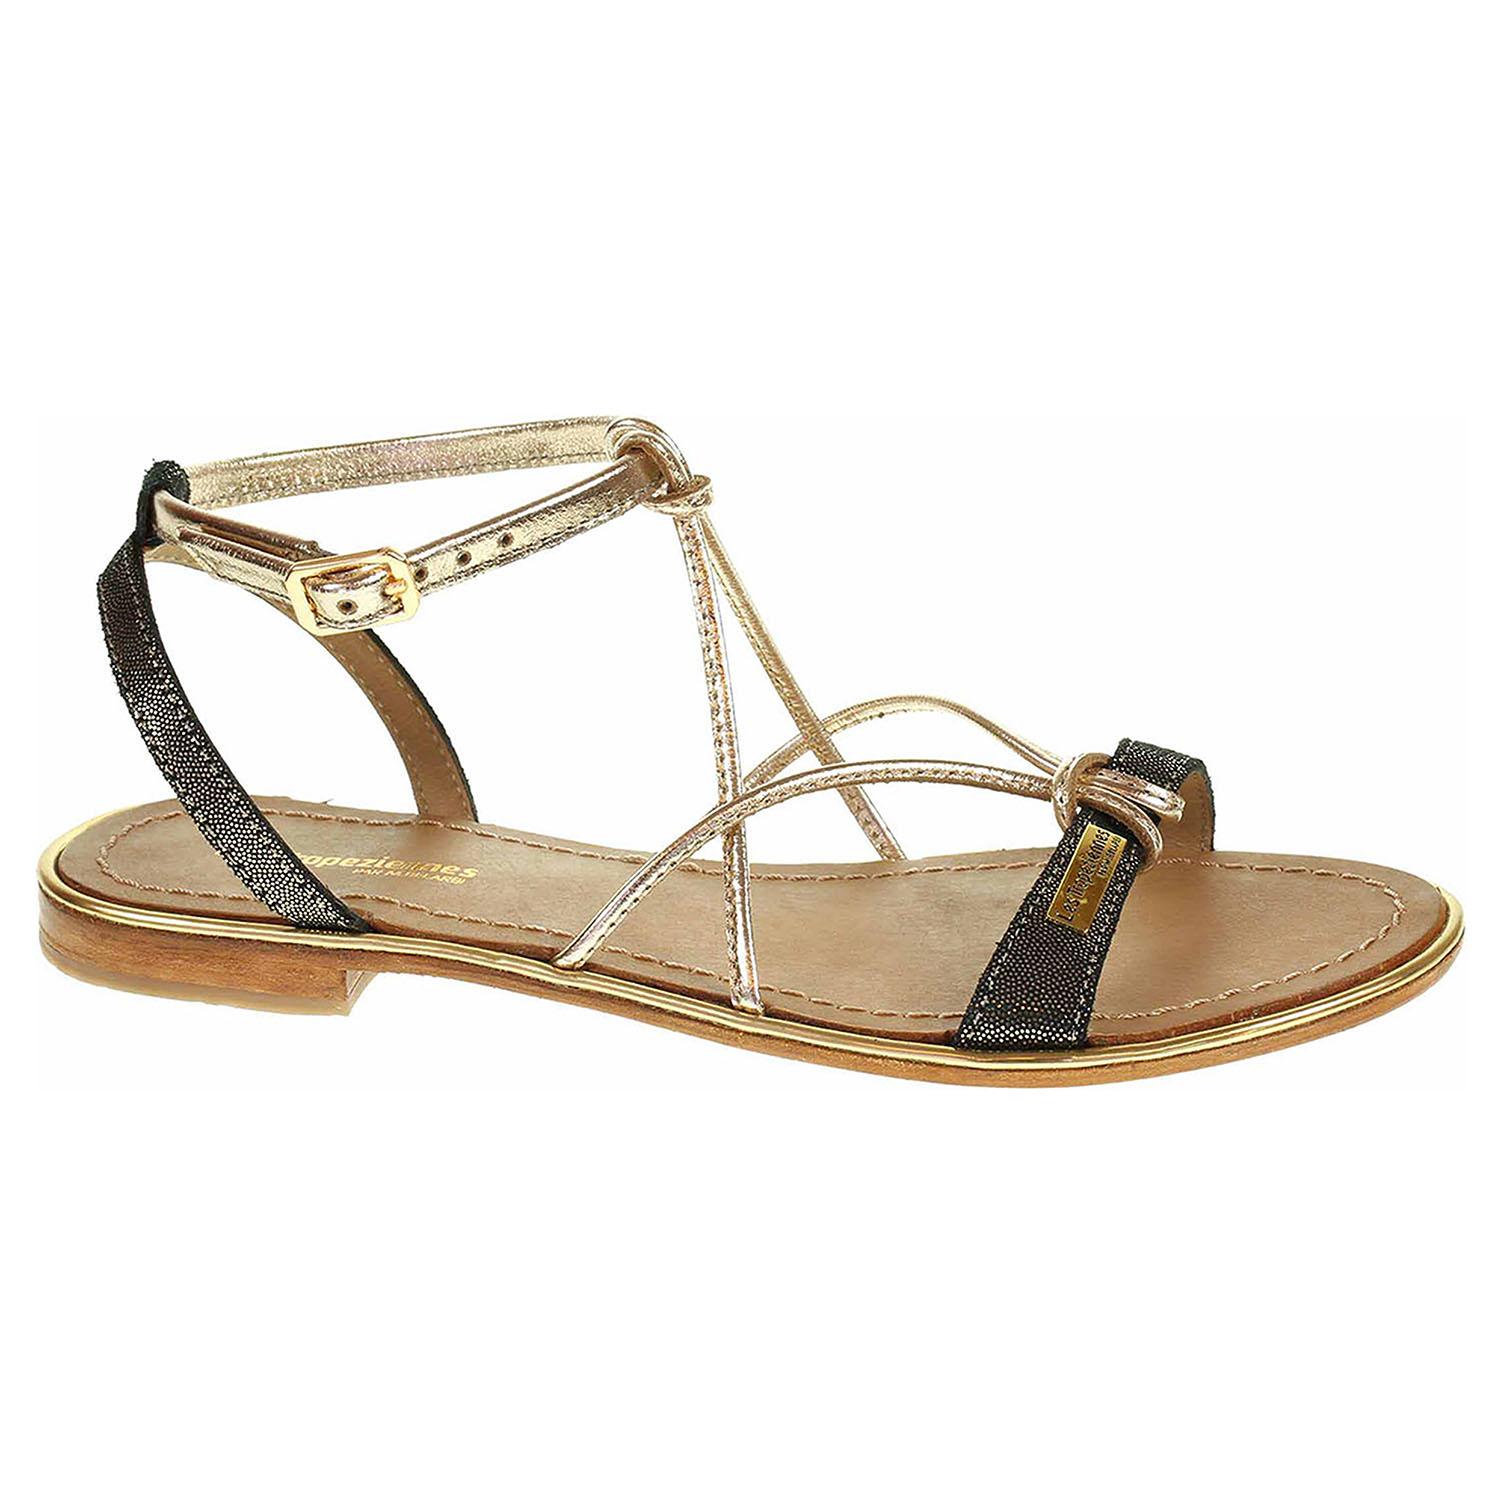 Dámské sandály Les Tropeziennes 19022 Hirondel black shiny C19022HIRONDEL 37